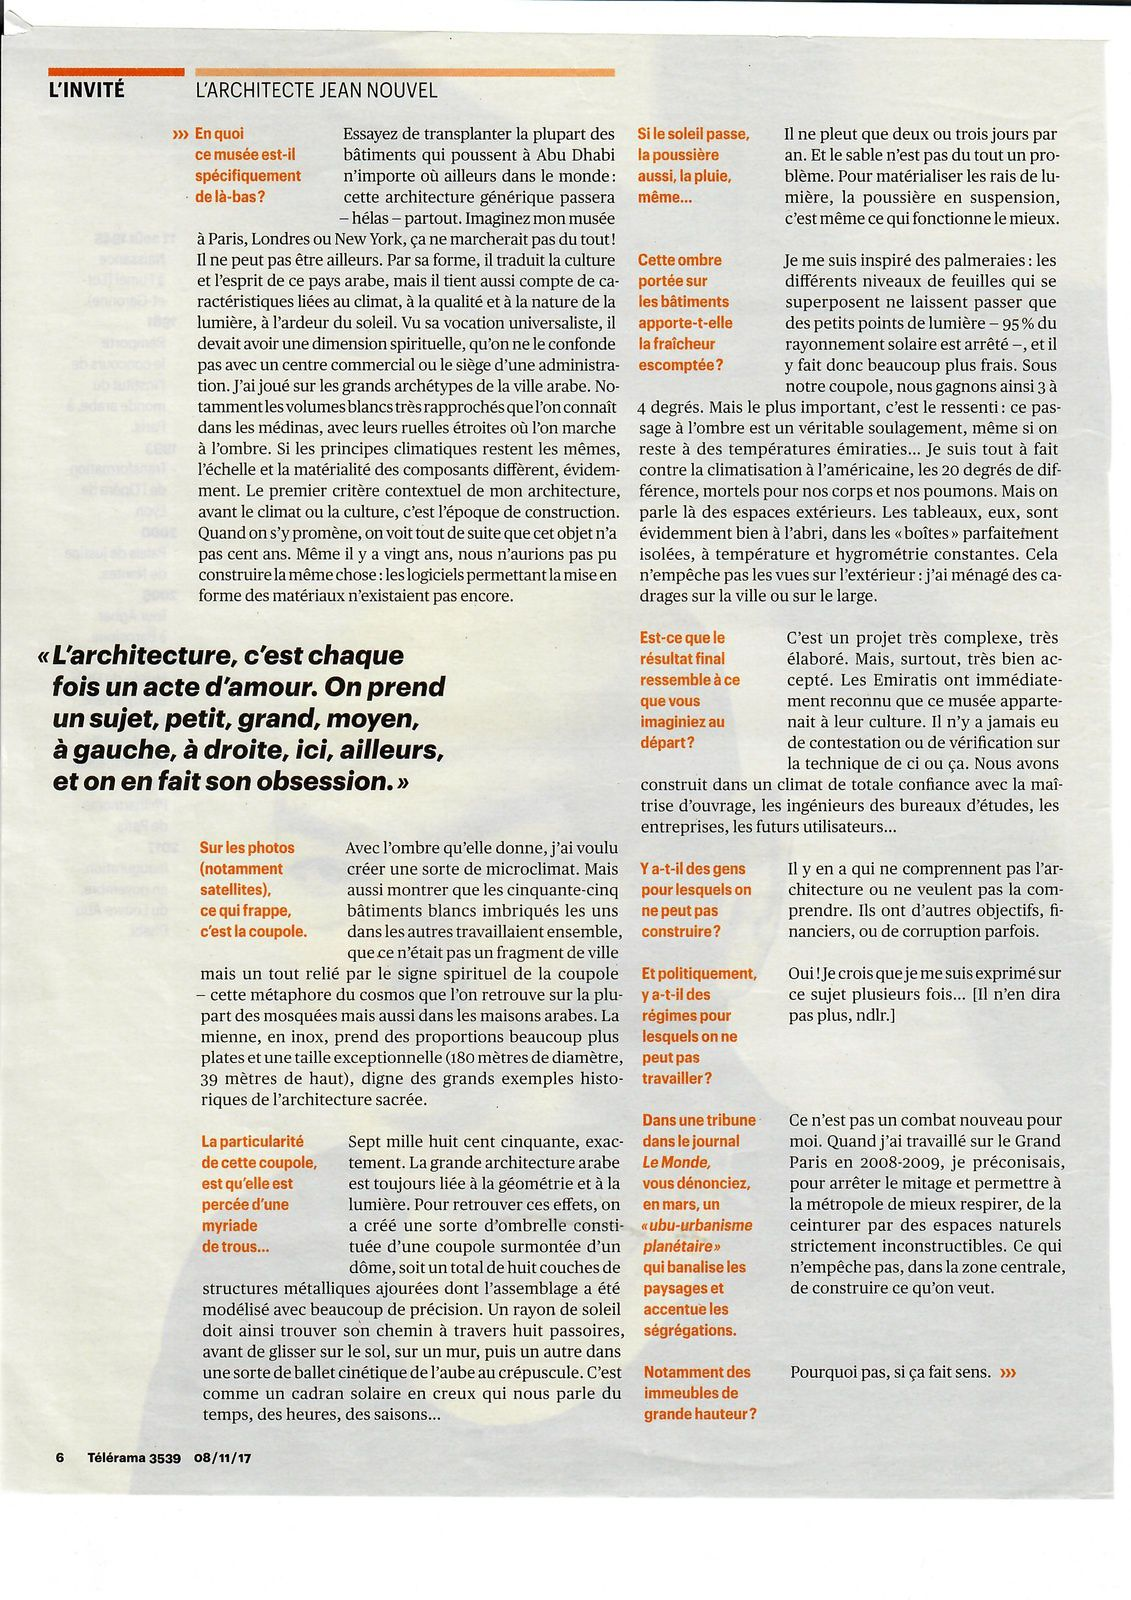 Vus et lus dans Télérama n° 3539 du 08/11/17, Les Echos du 06/12/17 et du 30/08/18